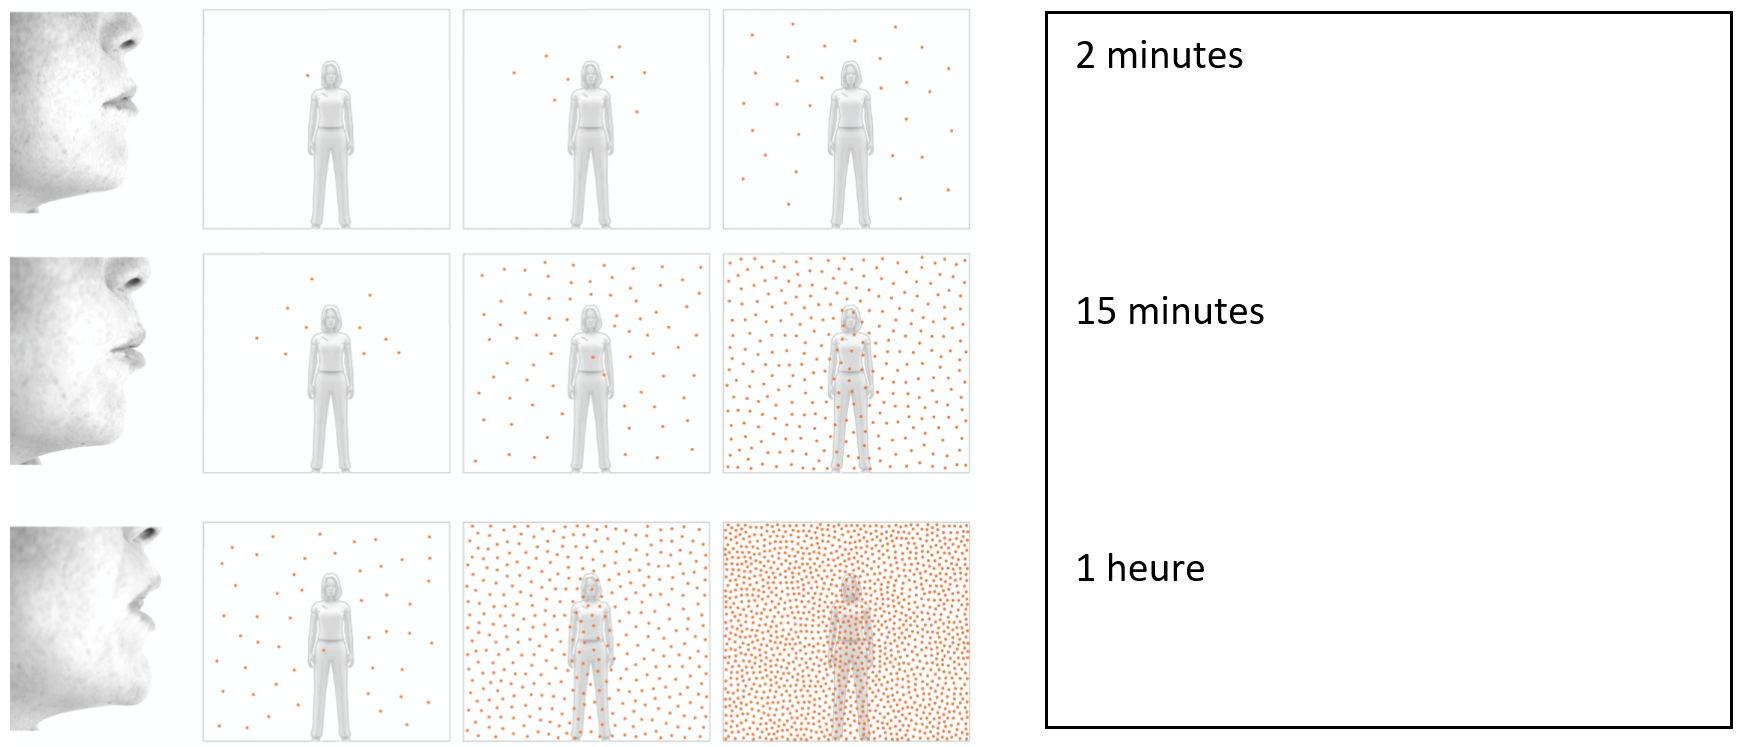 Chaque point orange représente une concentration de particules respiratoires susceptibles d'infecter une personne en cas d'inhalation. En l'absence d'aération, les aérosols demeurent dans l'air et se concentrent avec le temps